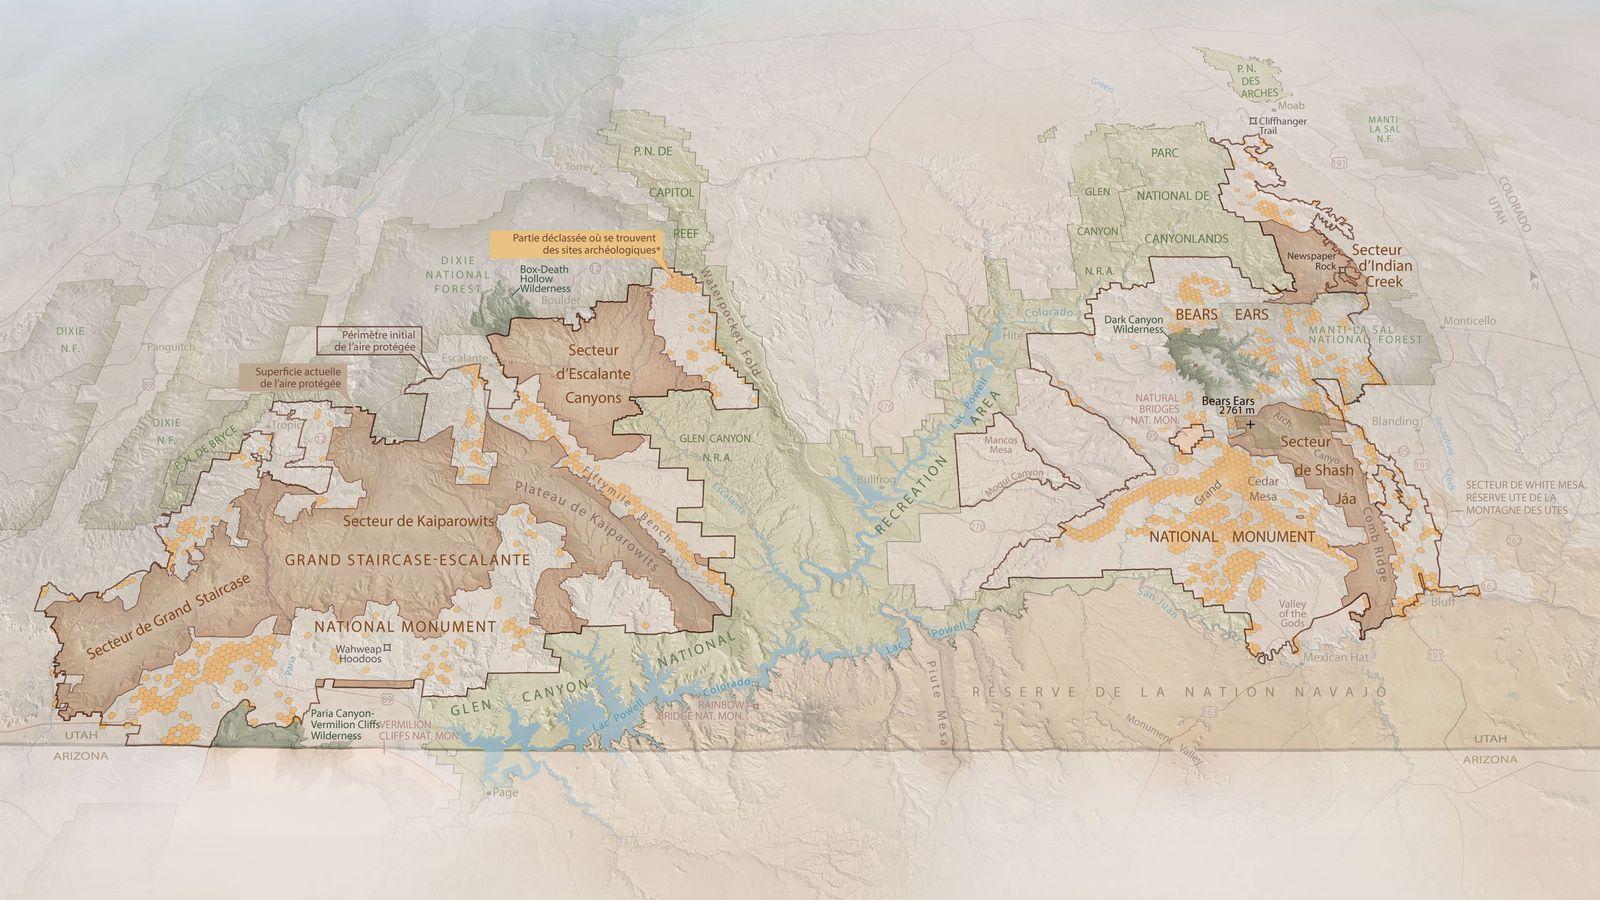 Carte résumant les enjeux miniers à Bears Ears National Monument et à Grand Staircase-Escalante, publiée dans ...